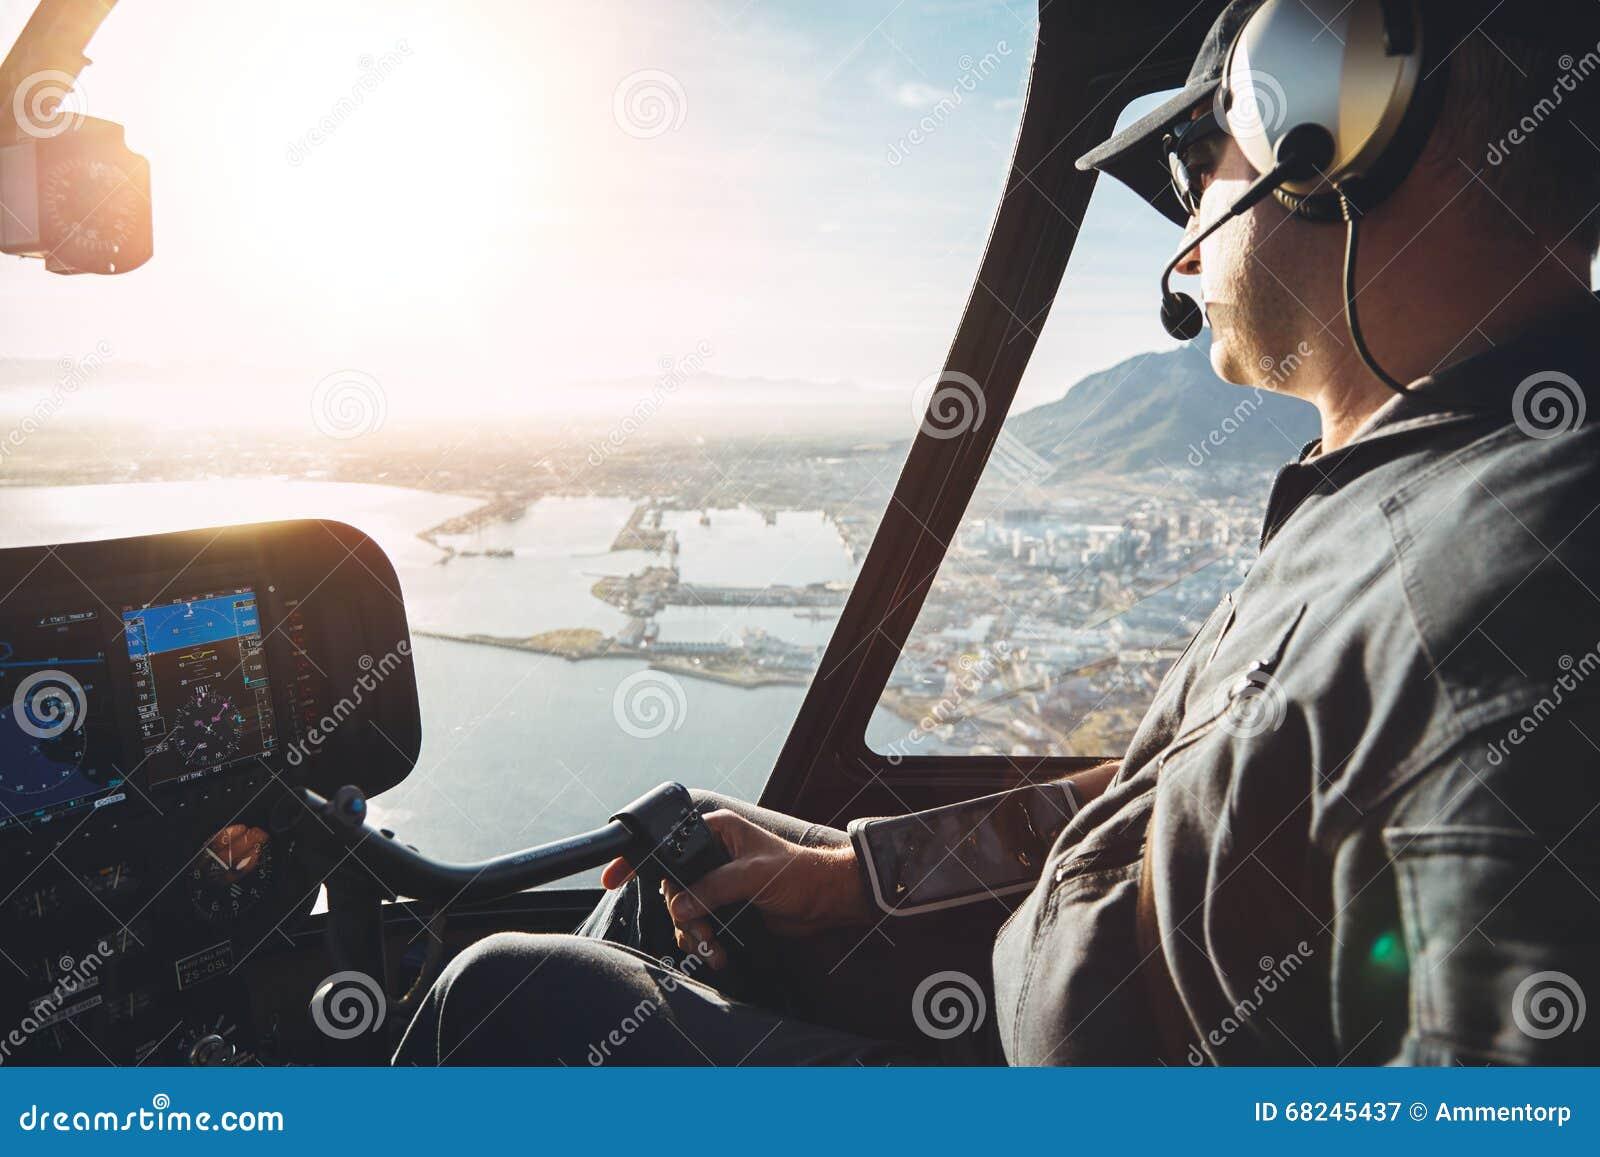 Pilot im Cockpit eines Hubschraubers